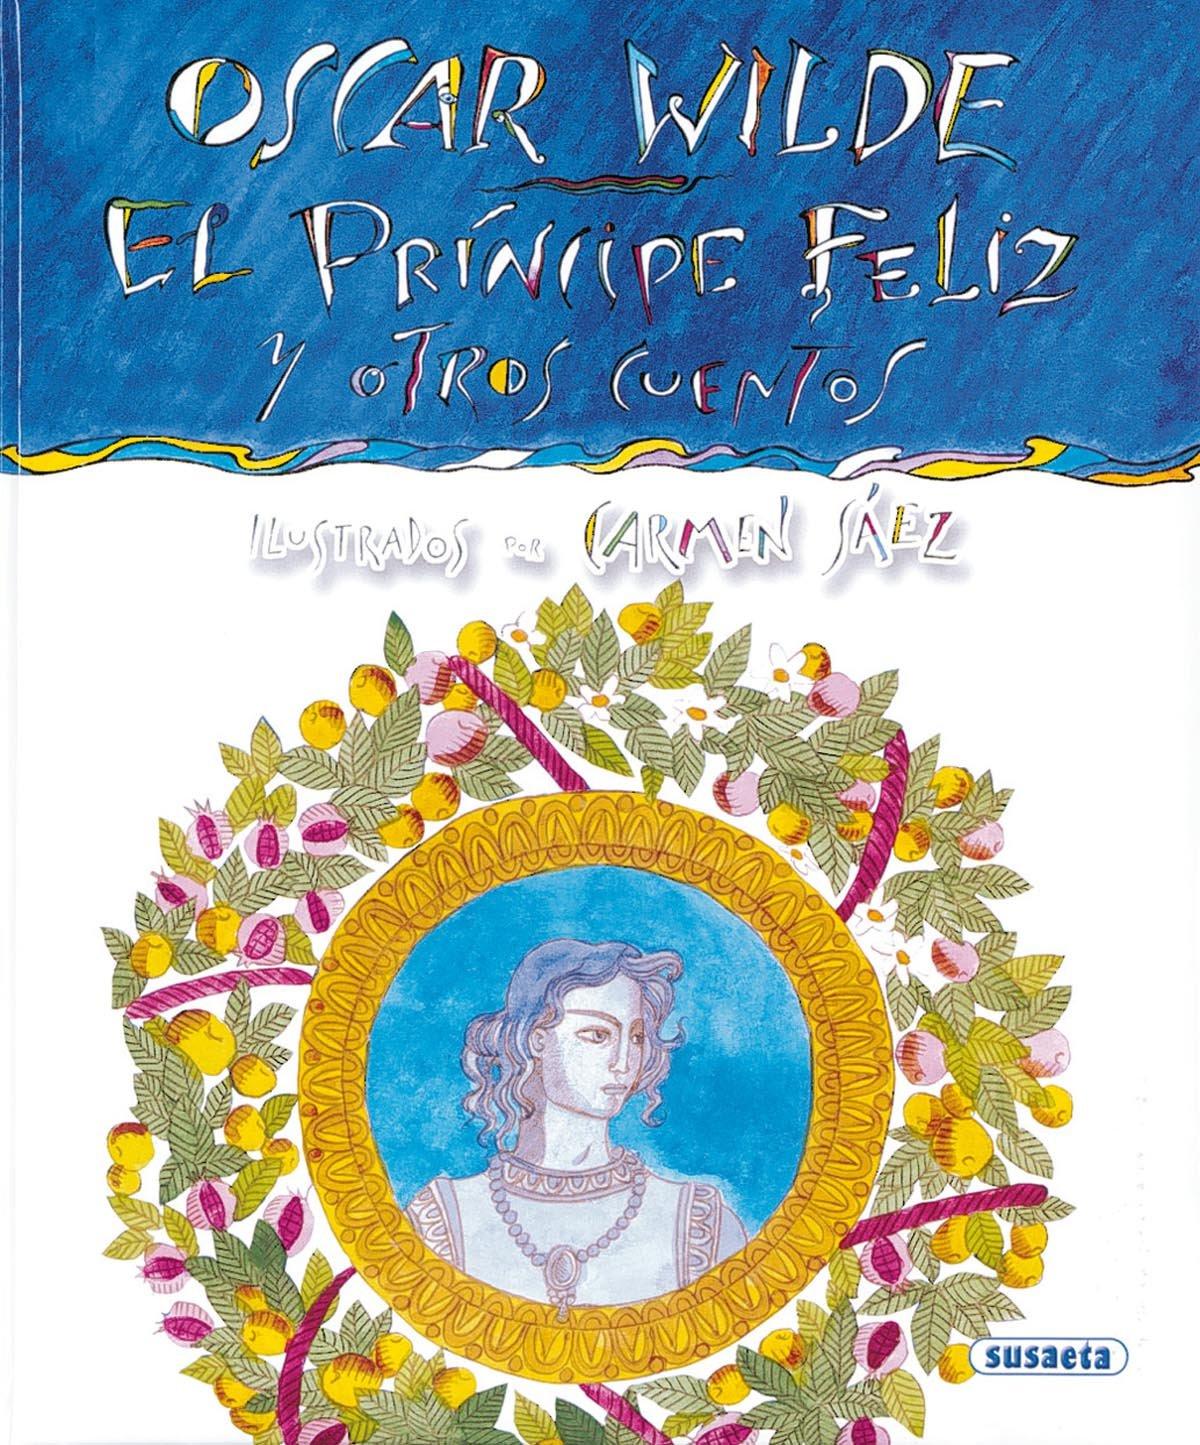 Download Oscar Wilde: El príncipe feliz y otros cuentos (Autores Célebres) (Spanish Edition) ebook